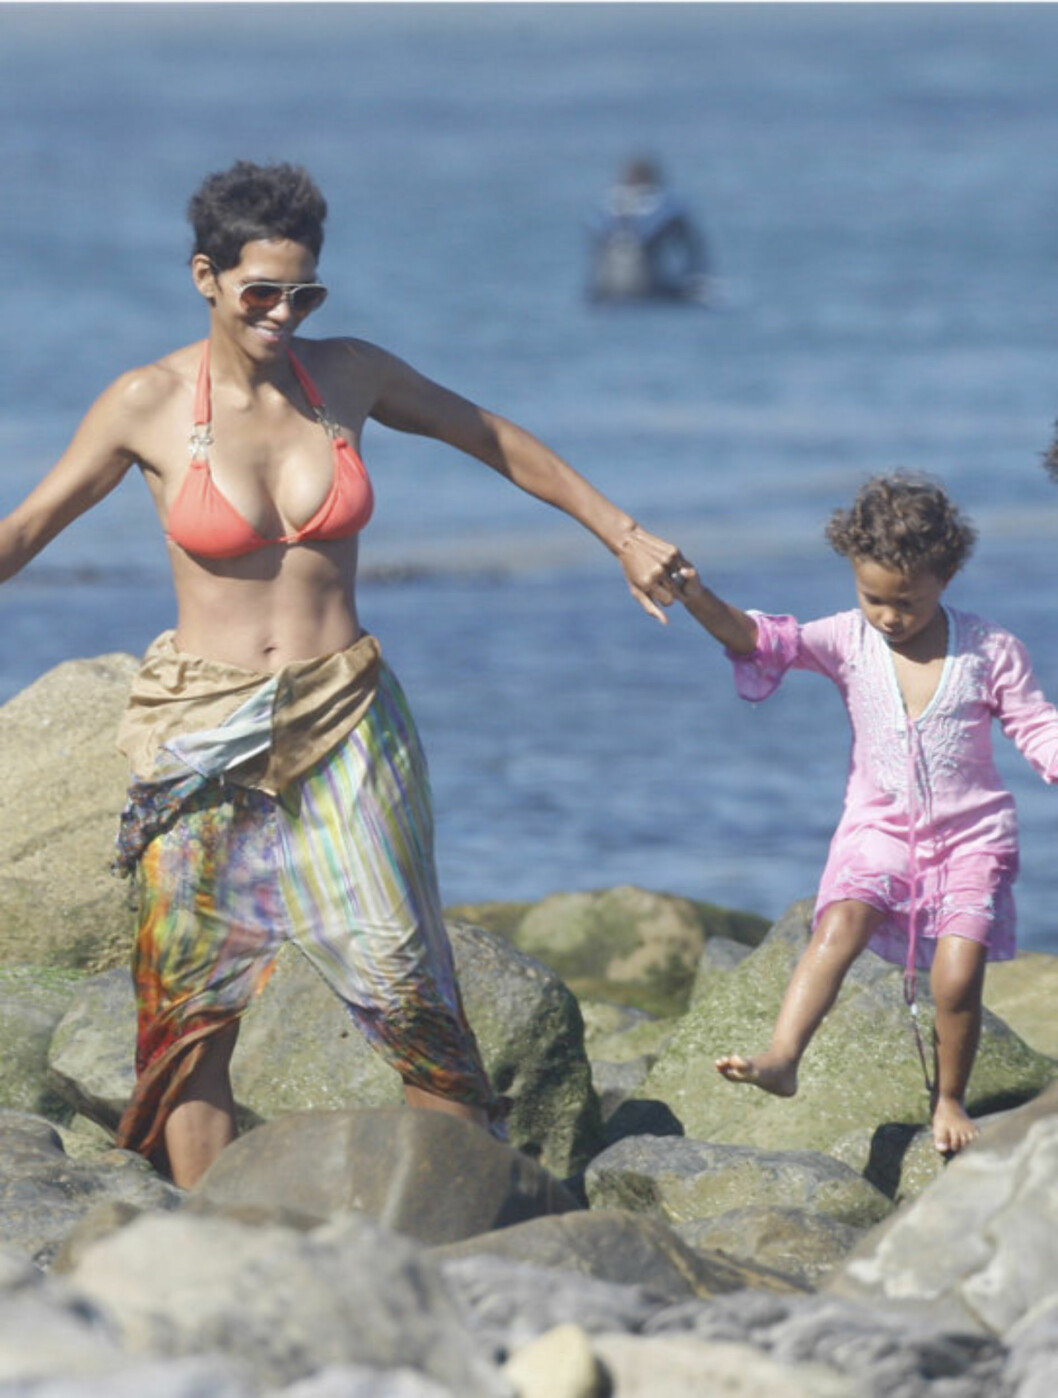 <strong>STRANDTUR:</strong> Halle Berry og datteren Nahla tok seg tilsynelatende en liten oppdagelsesferd i vannkanten nedenfor stjernens strandhus i Malibu. Foto: All Over Press